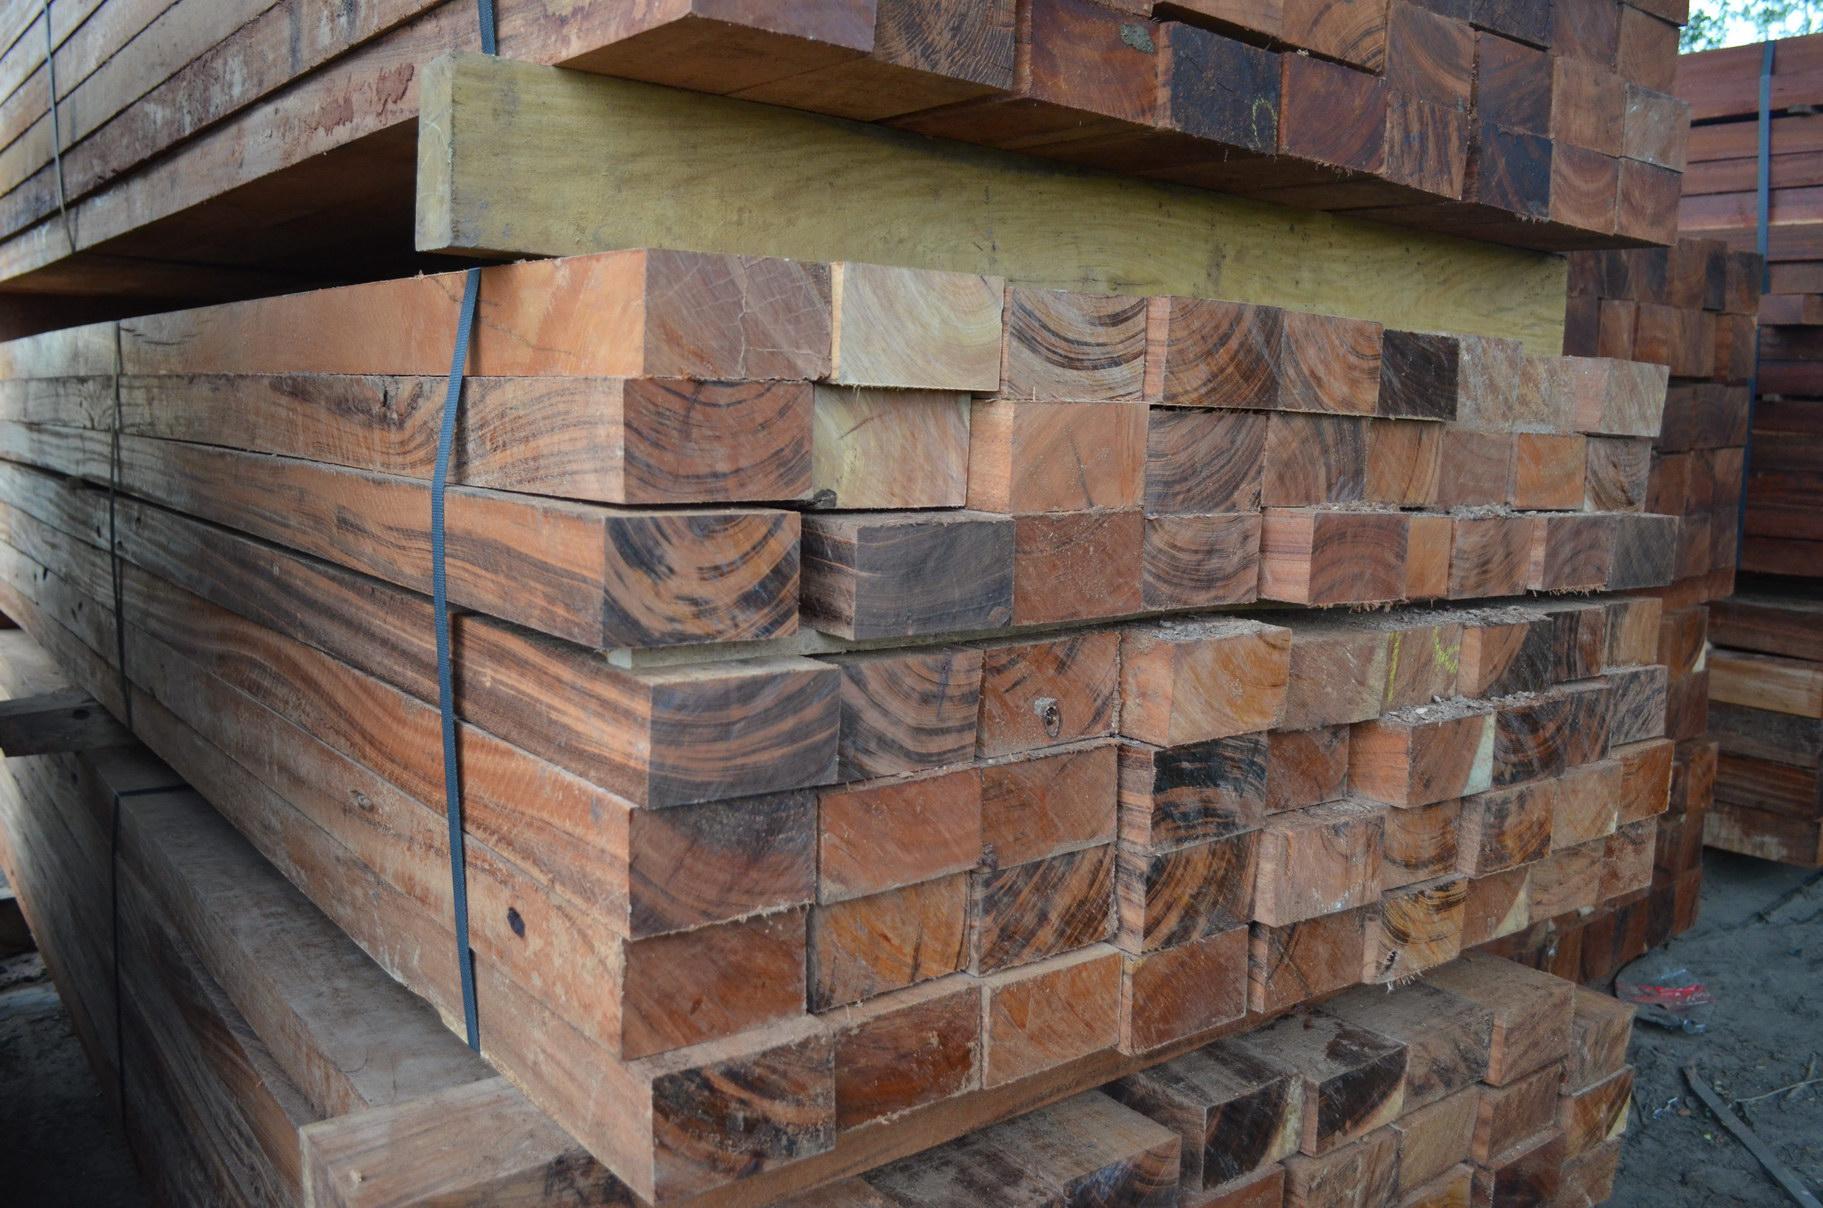 ケブラッチョ コロラドを高耐久性木材のラインナップに